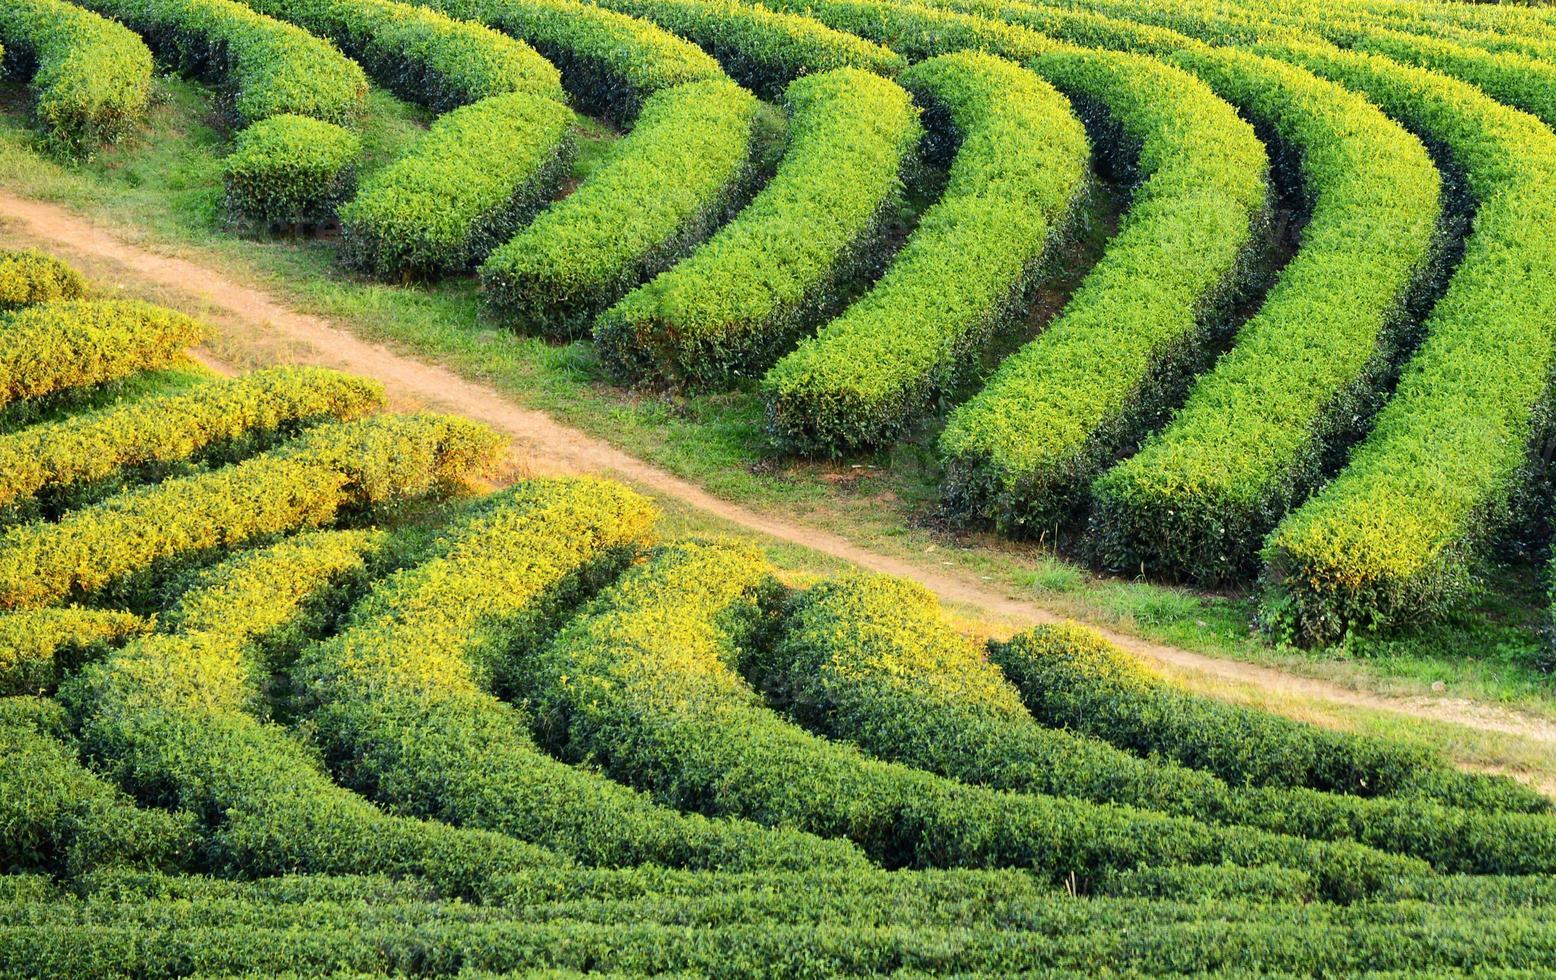 changement de plantation de thé ri au nord de la thaïlande. photo